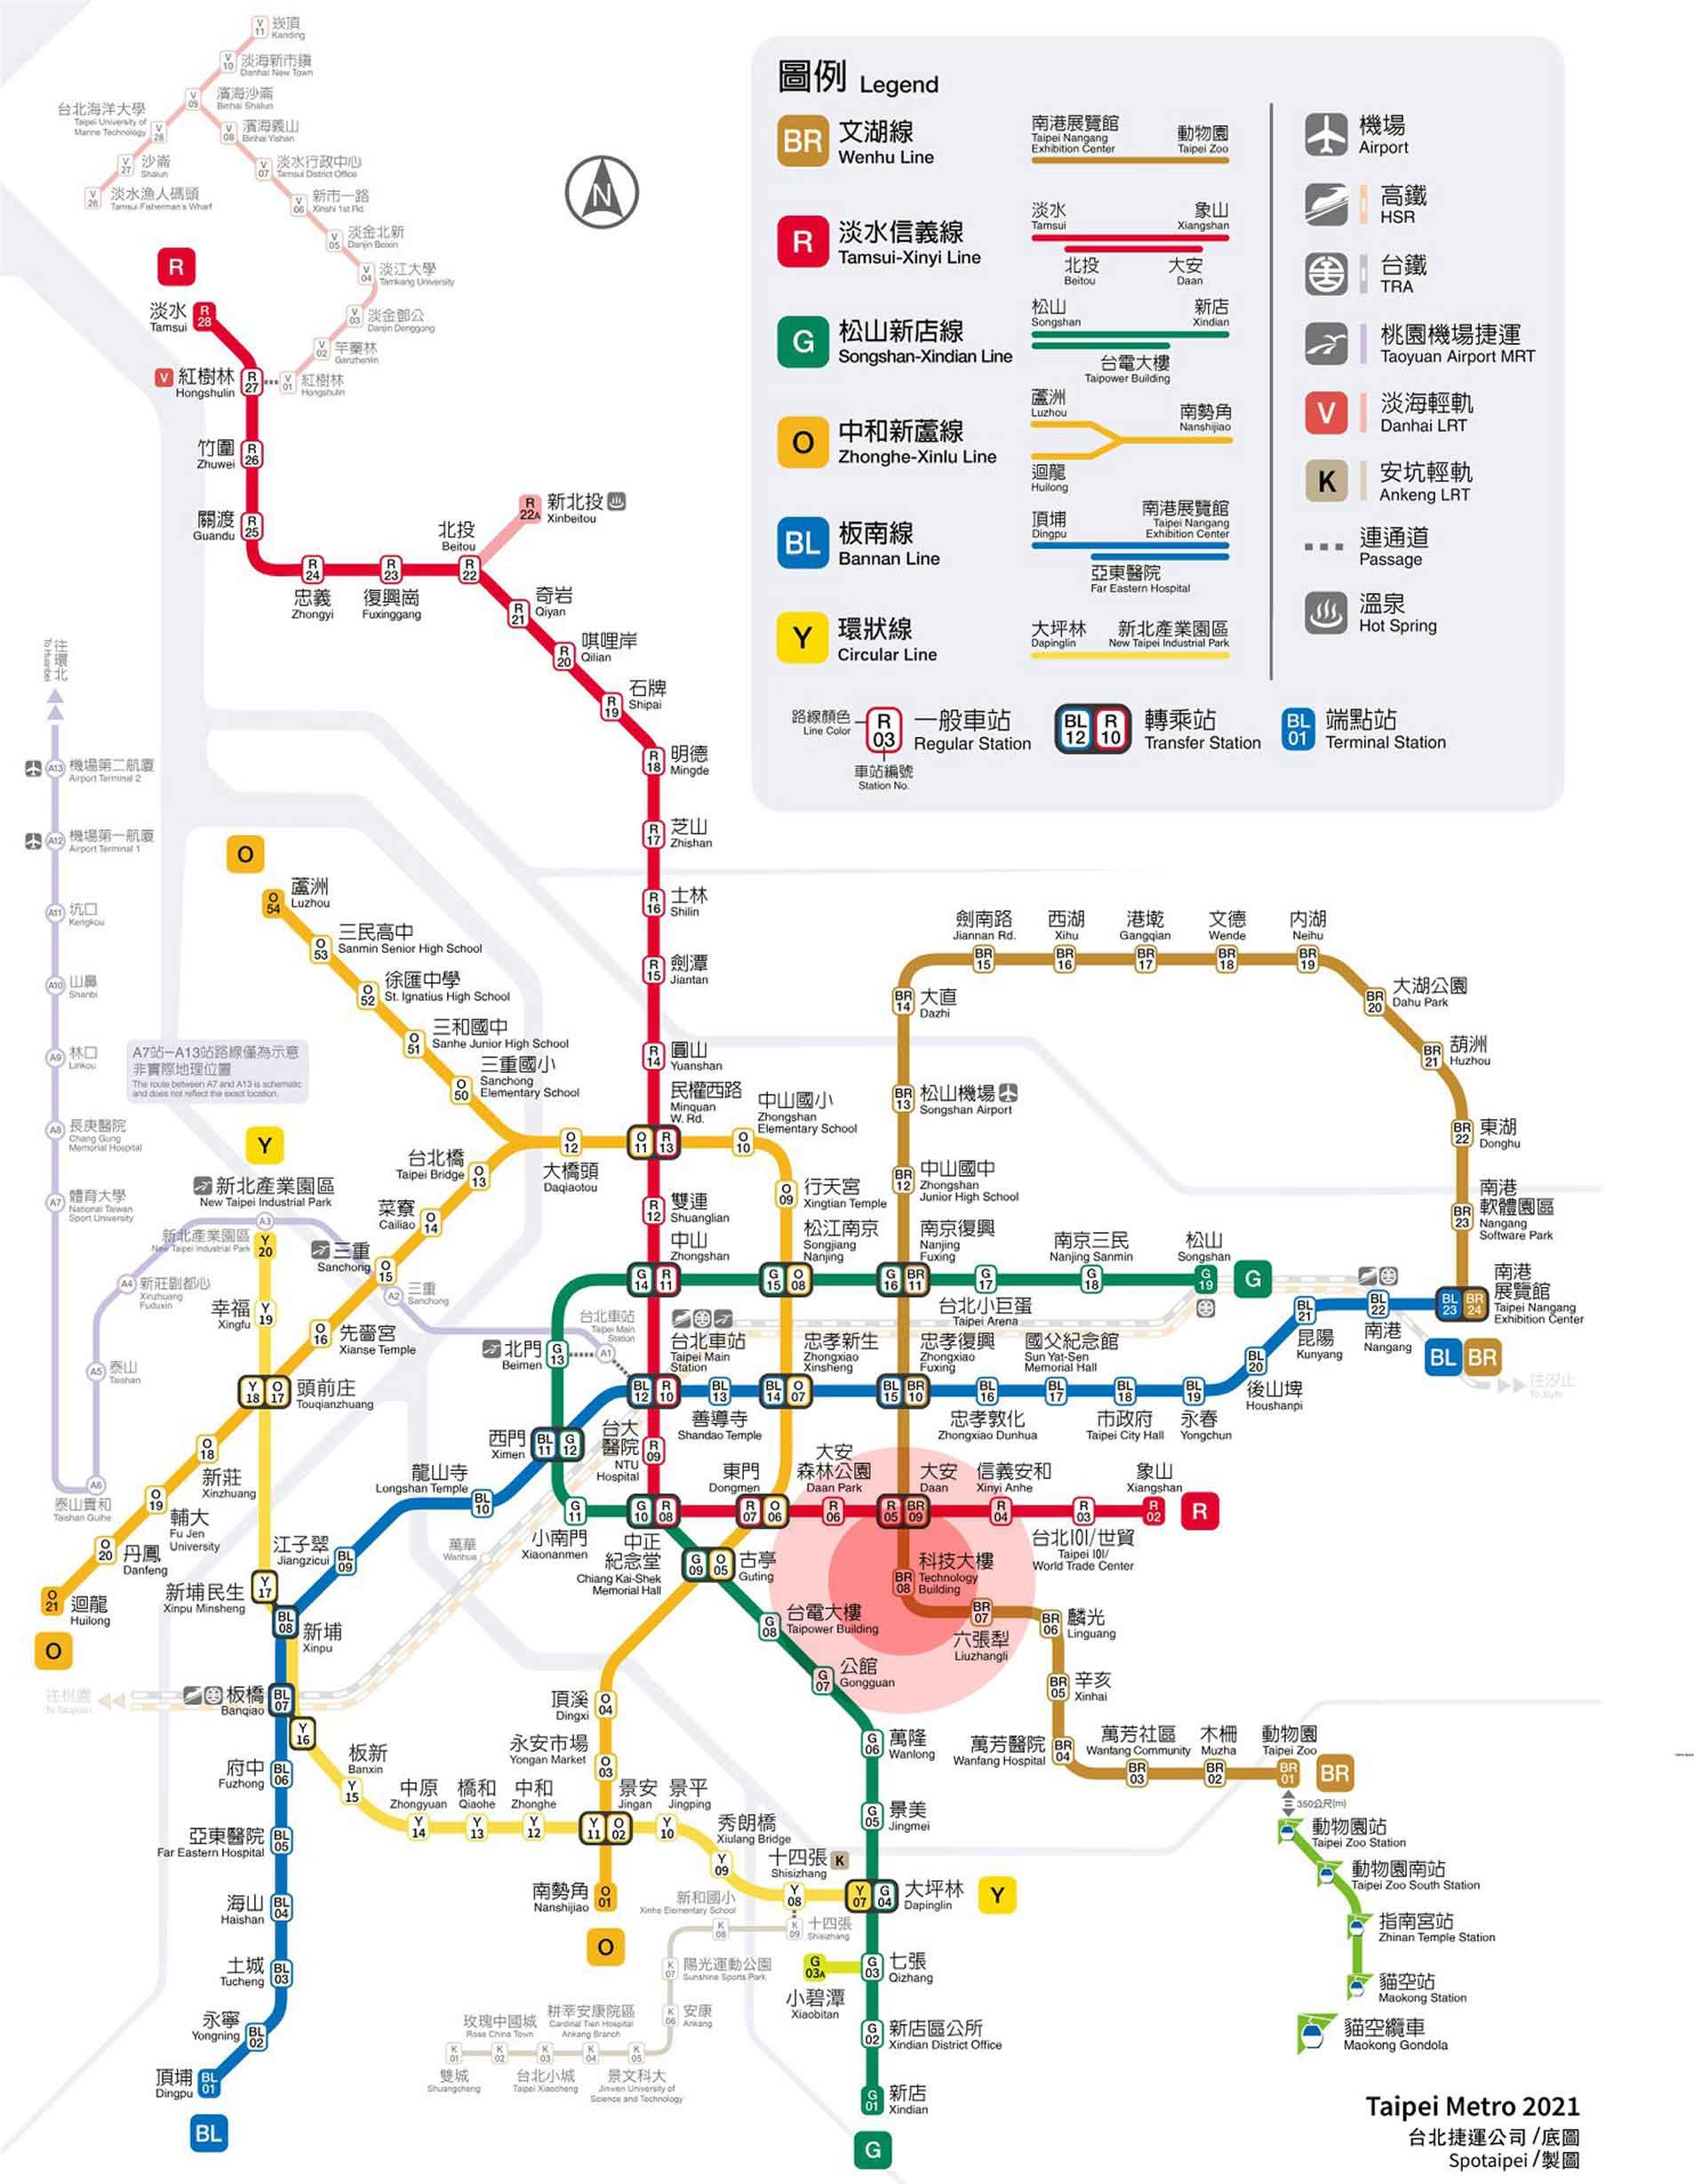 捷運圖2021